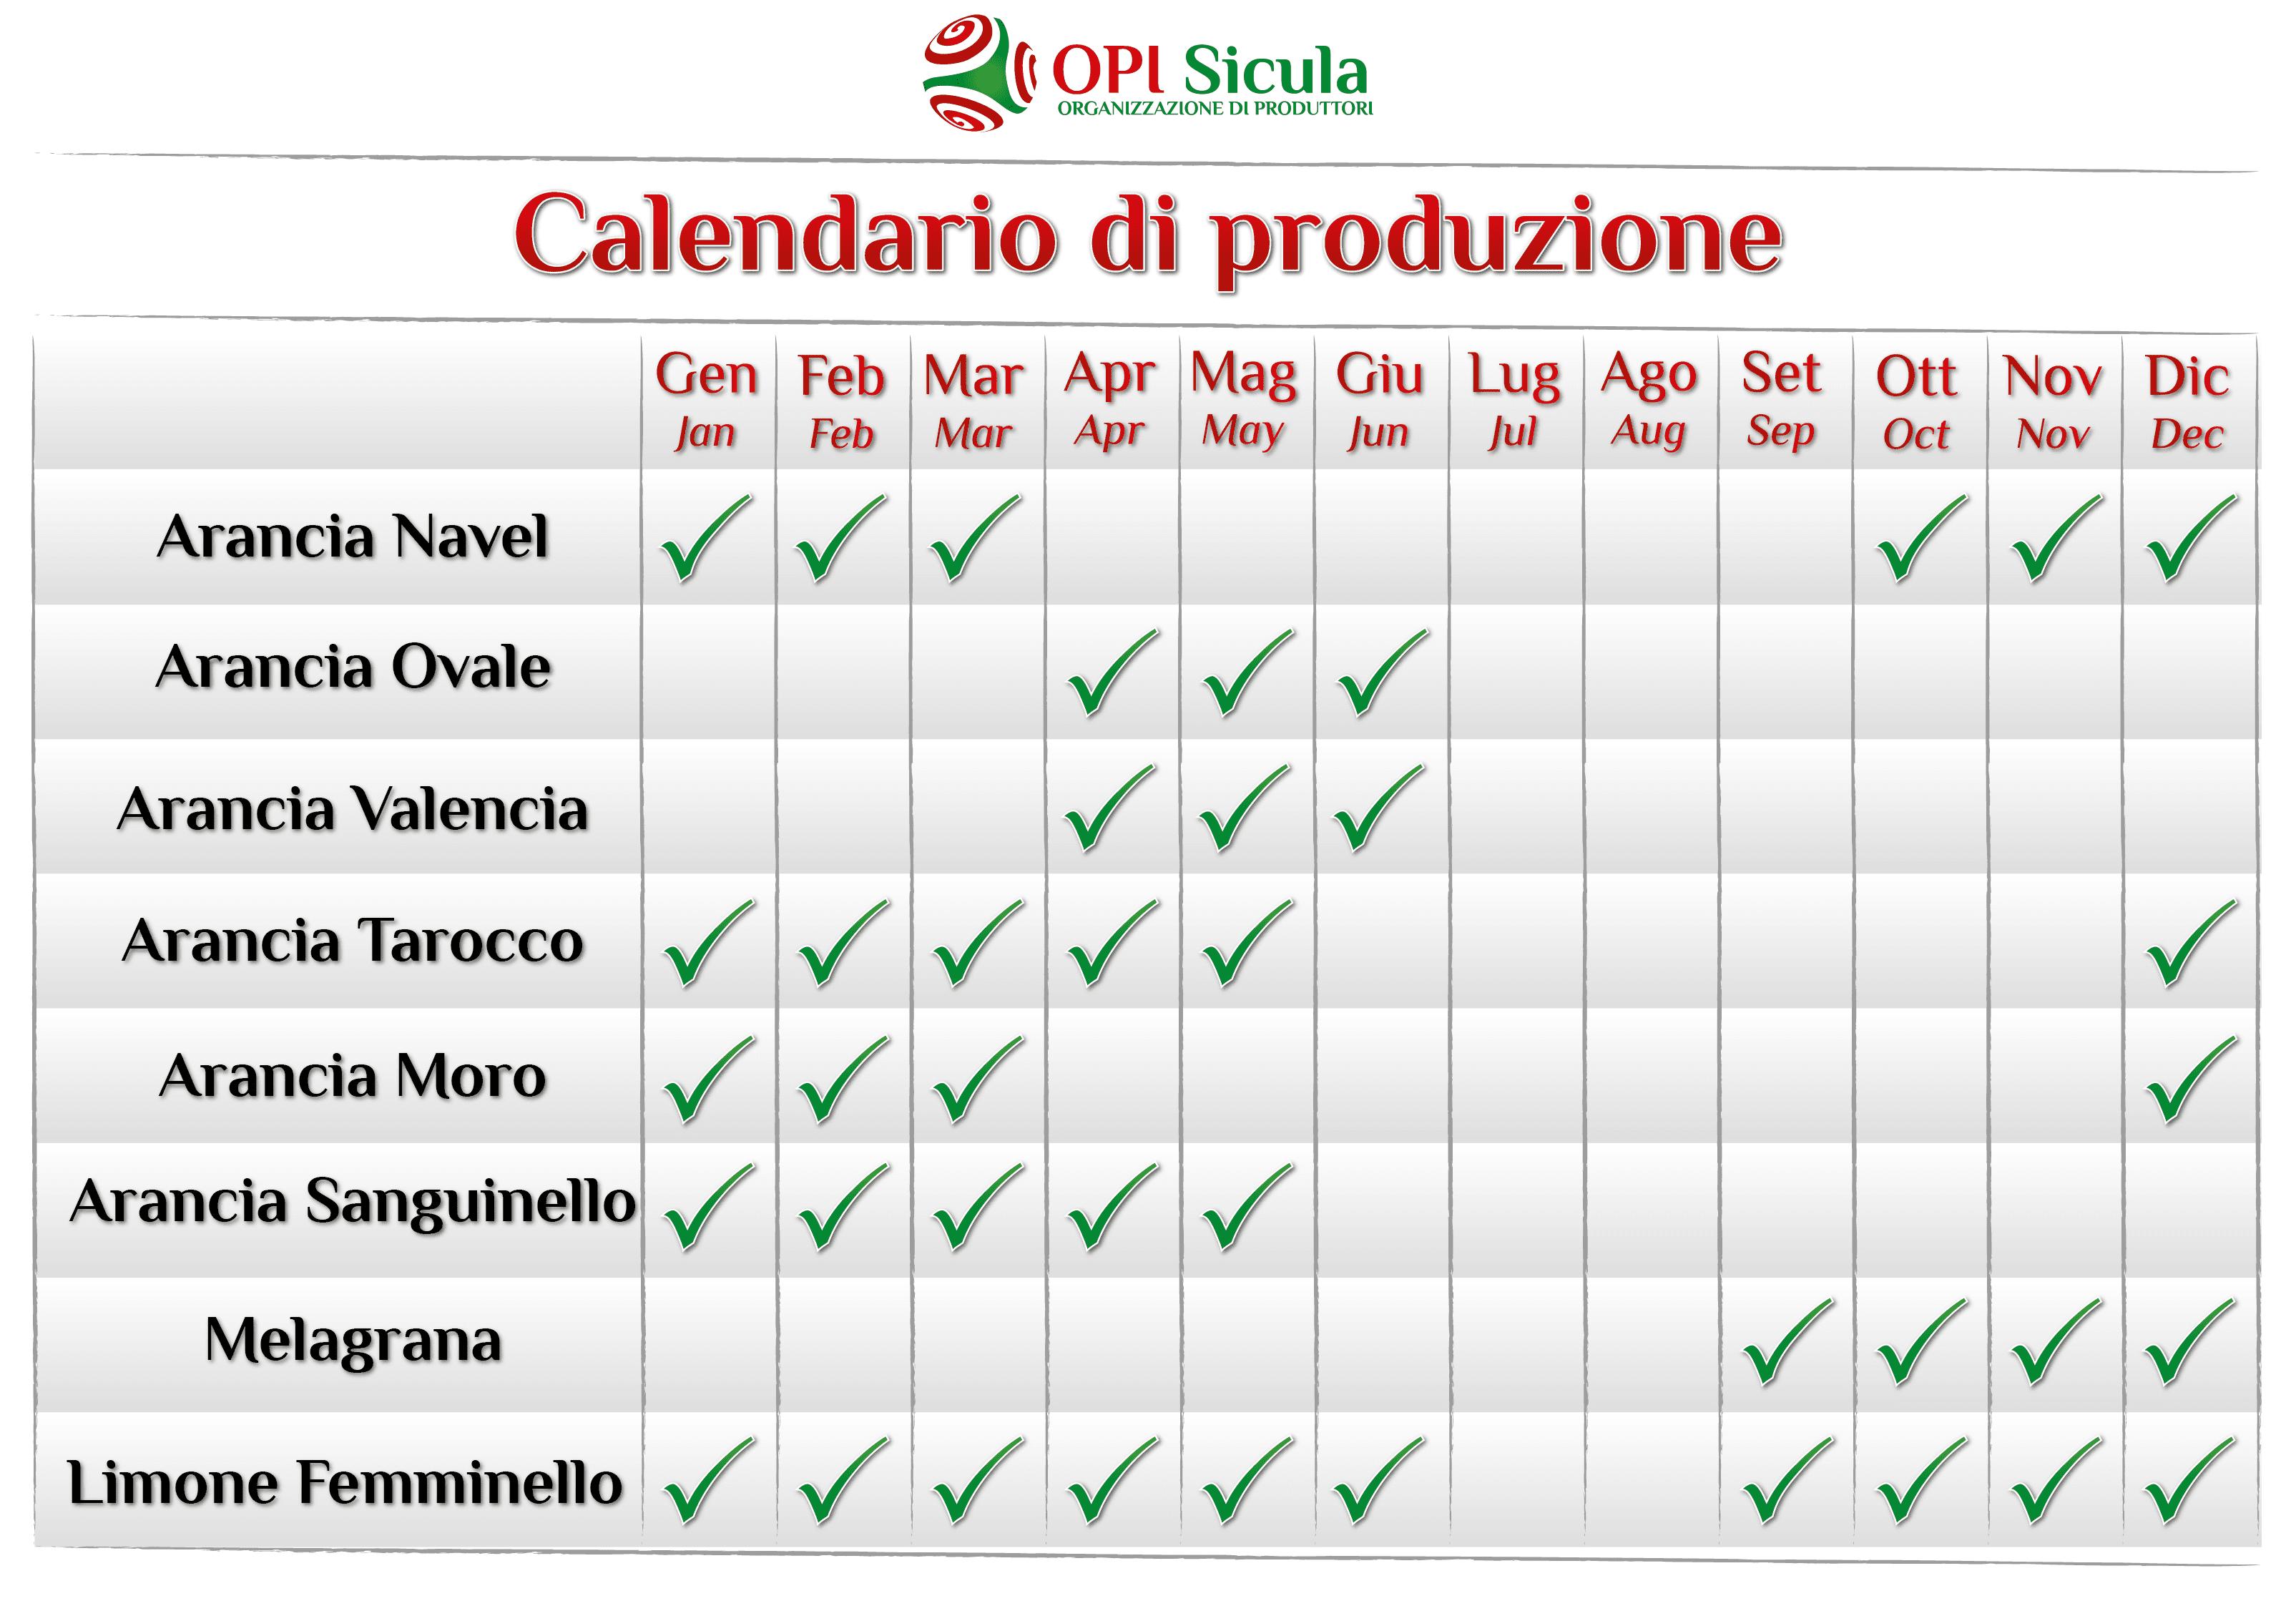 calendario di produzione OPI Sicula